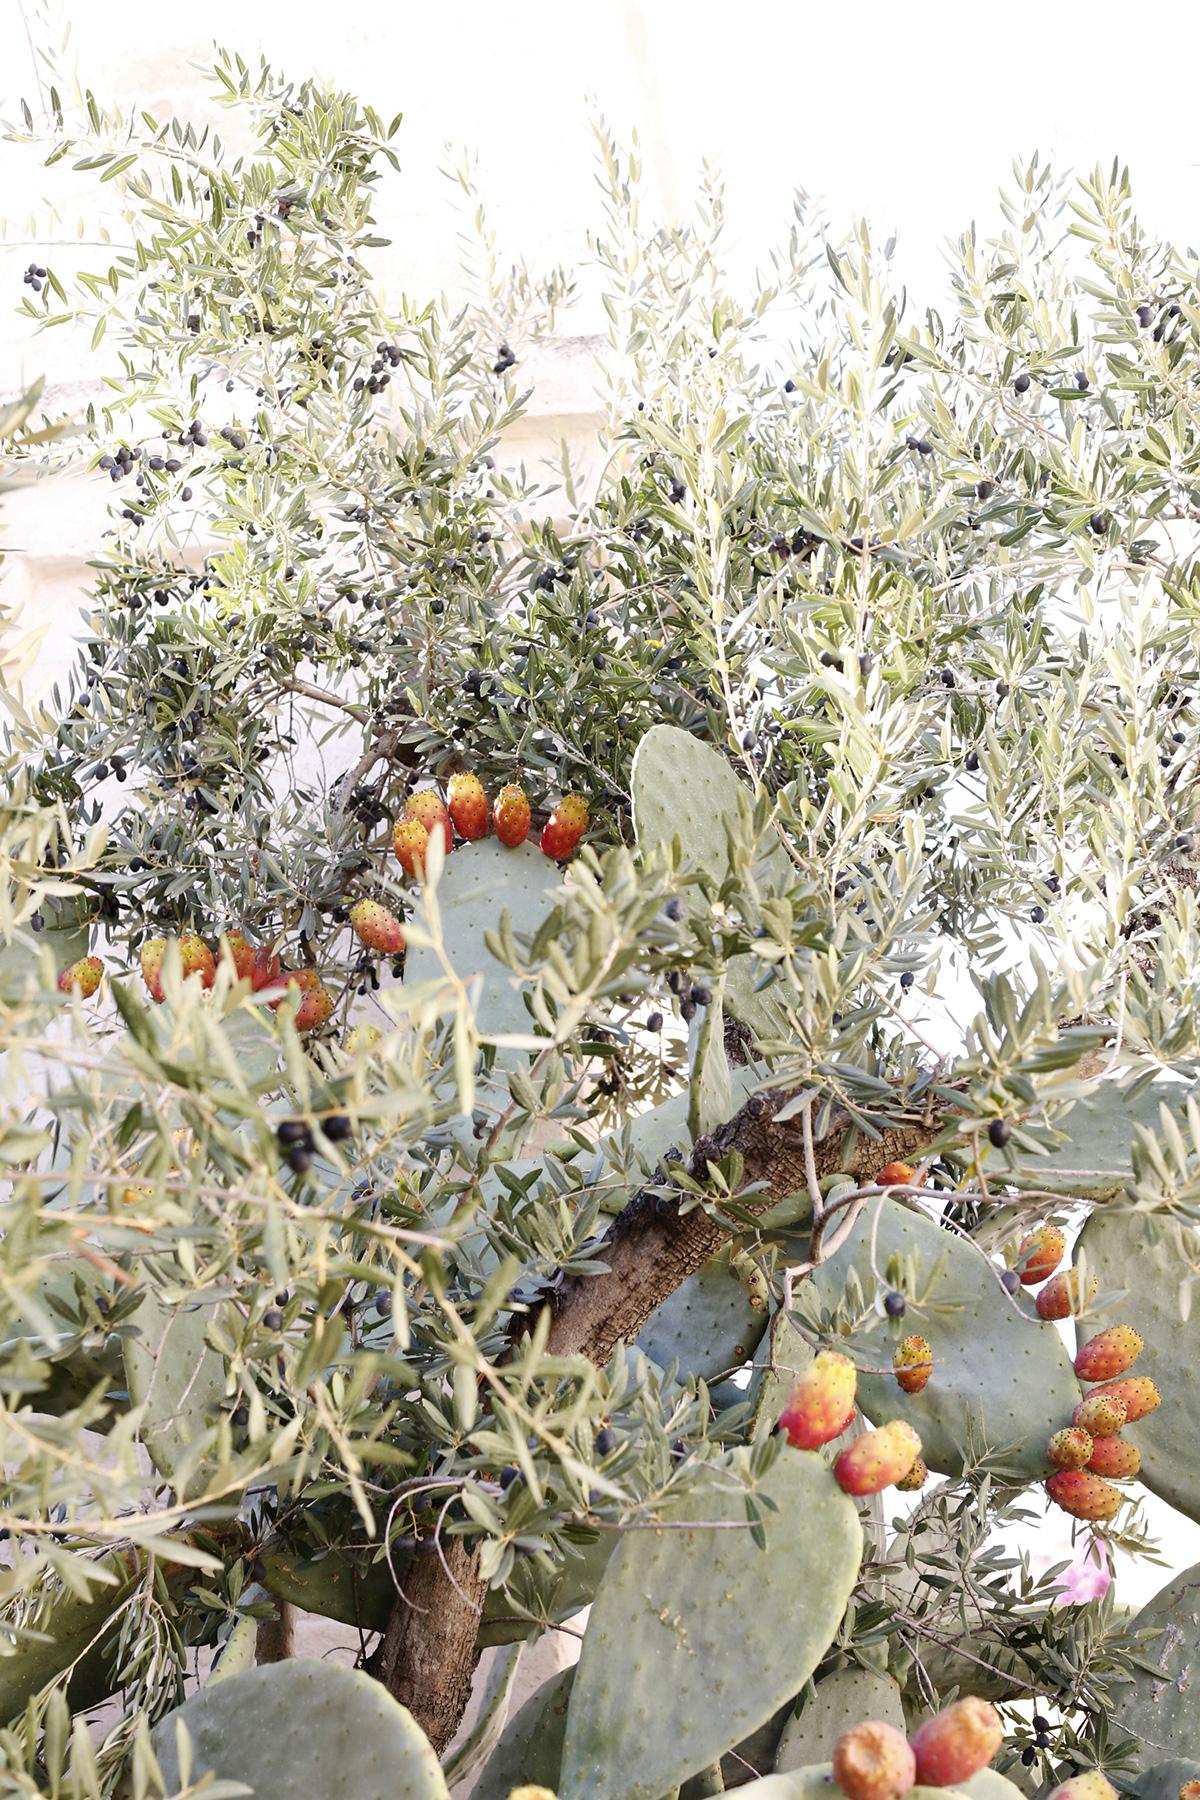 أشجار الصبار والزيتون بوليا